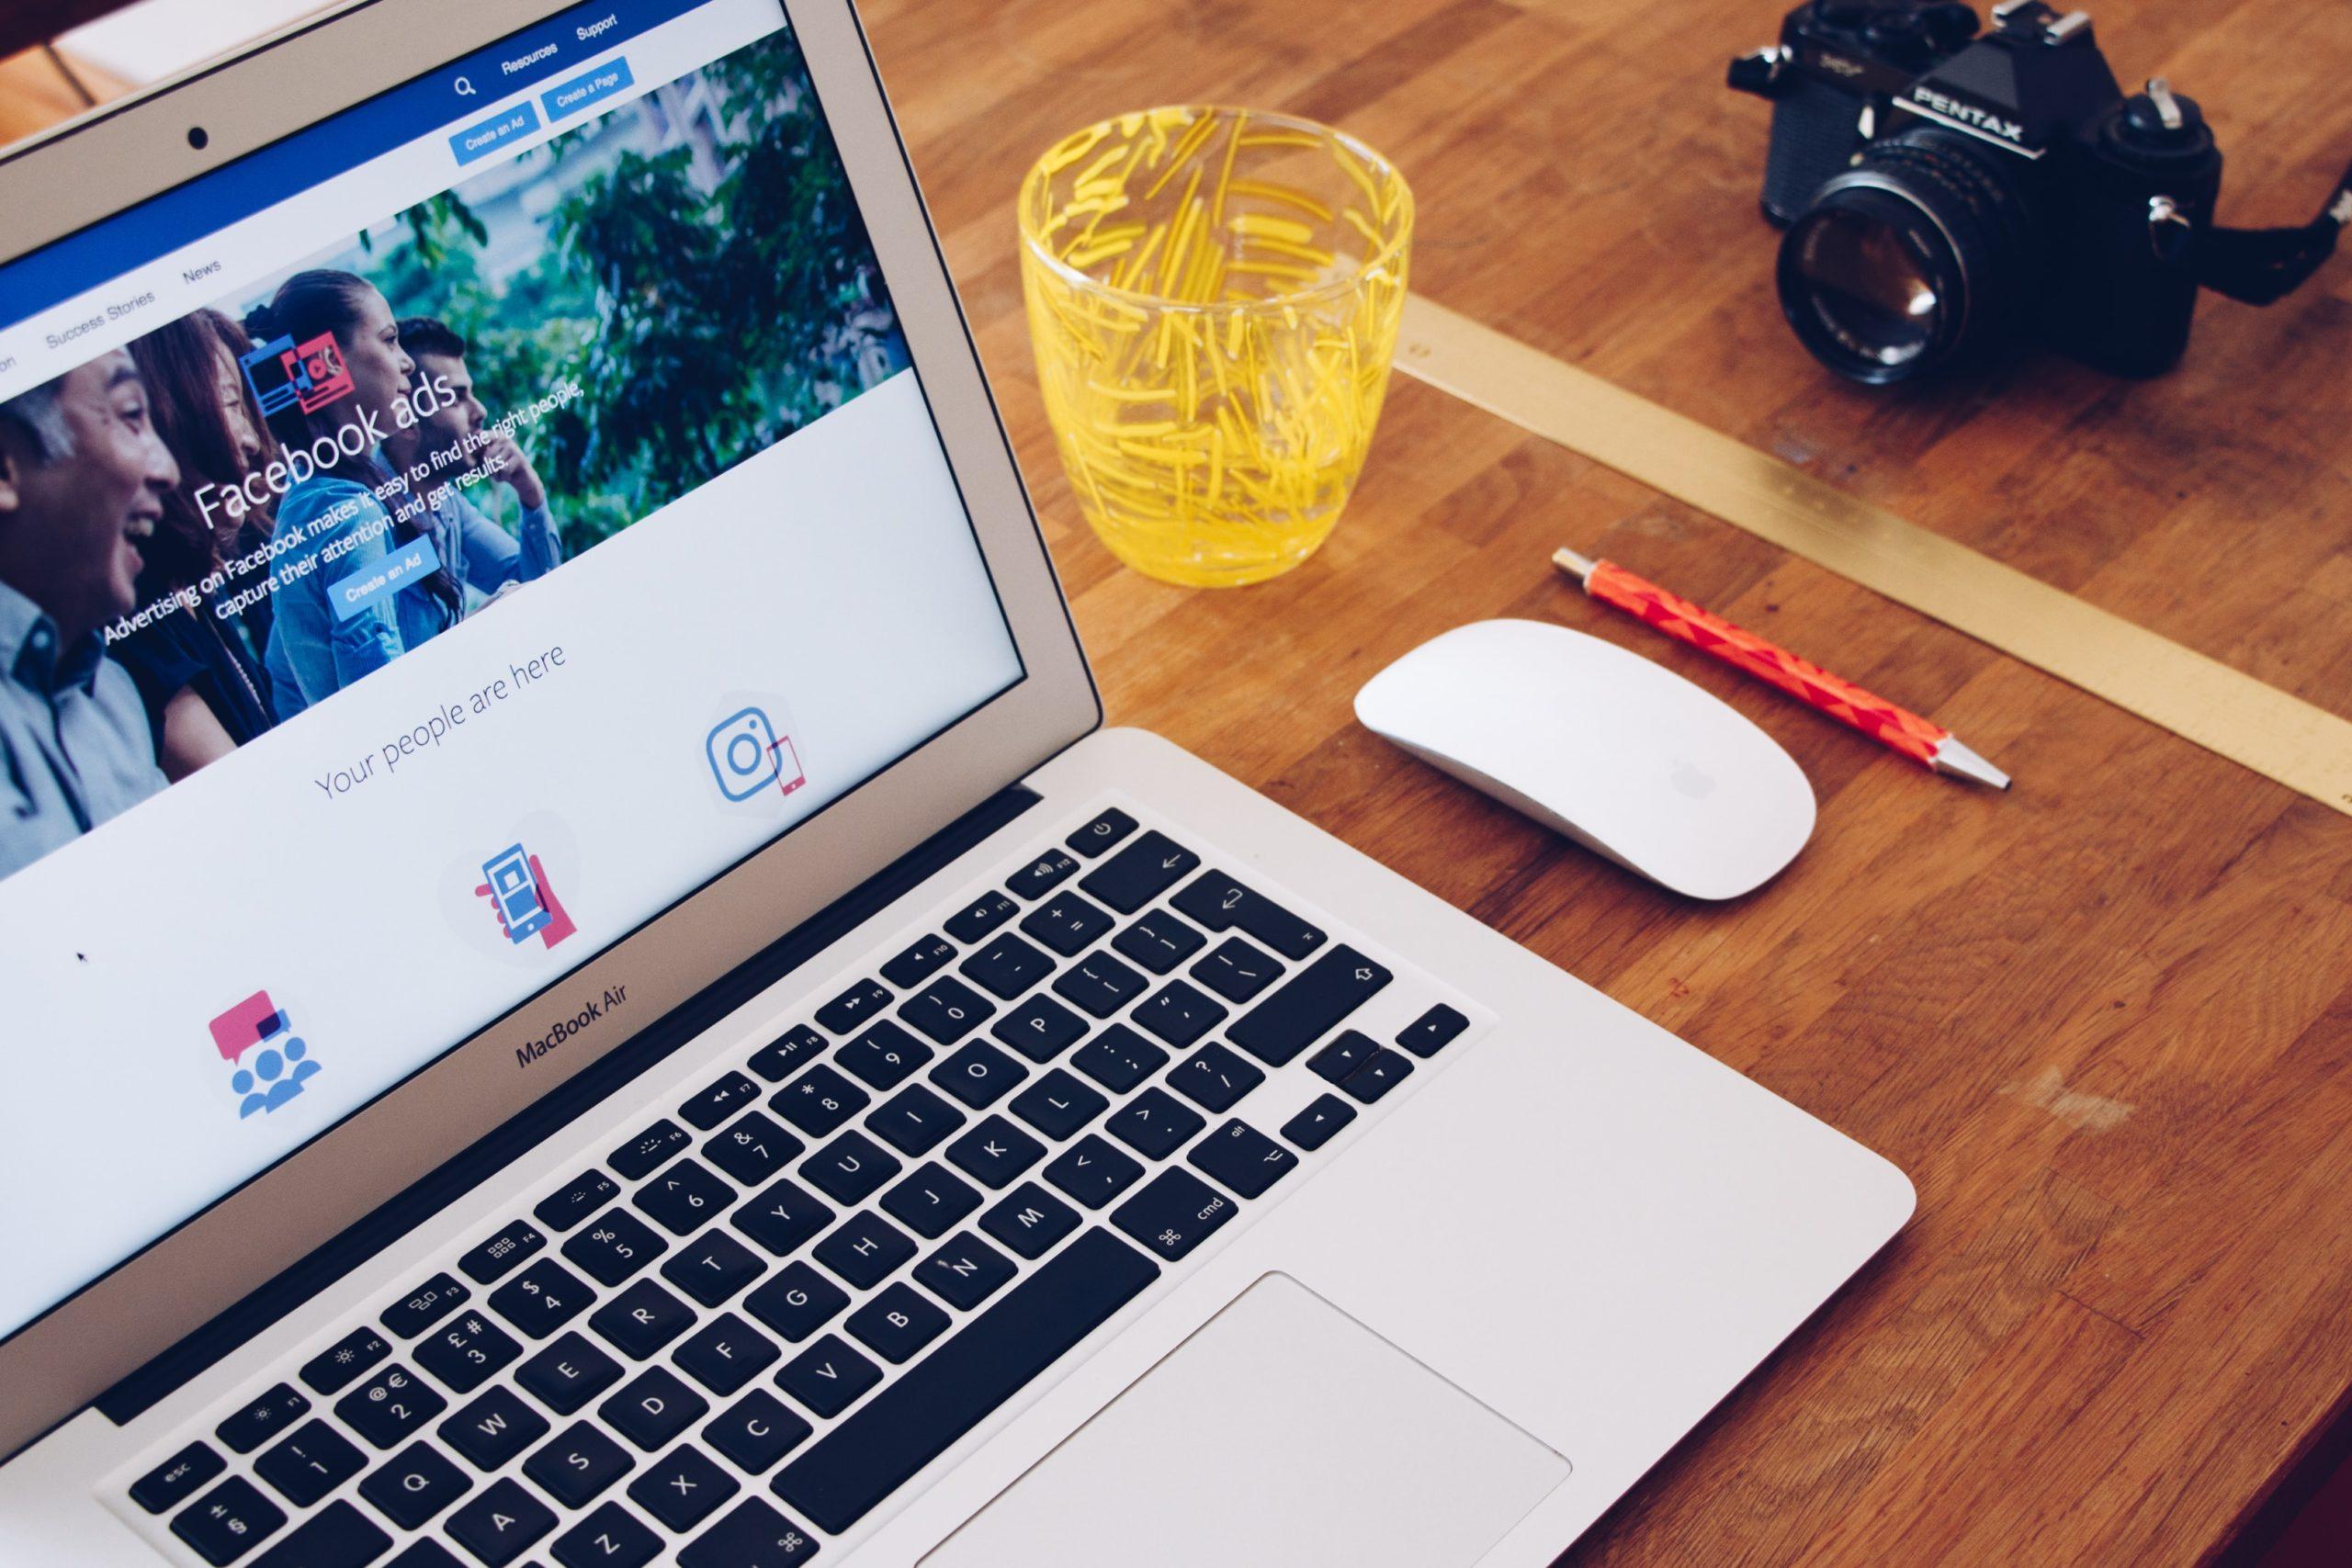 ブログ広告で稼ぐ仕組とオススメの広告ビジネスはこれ!